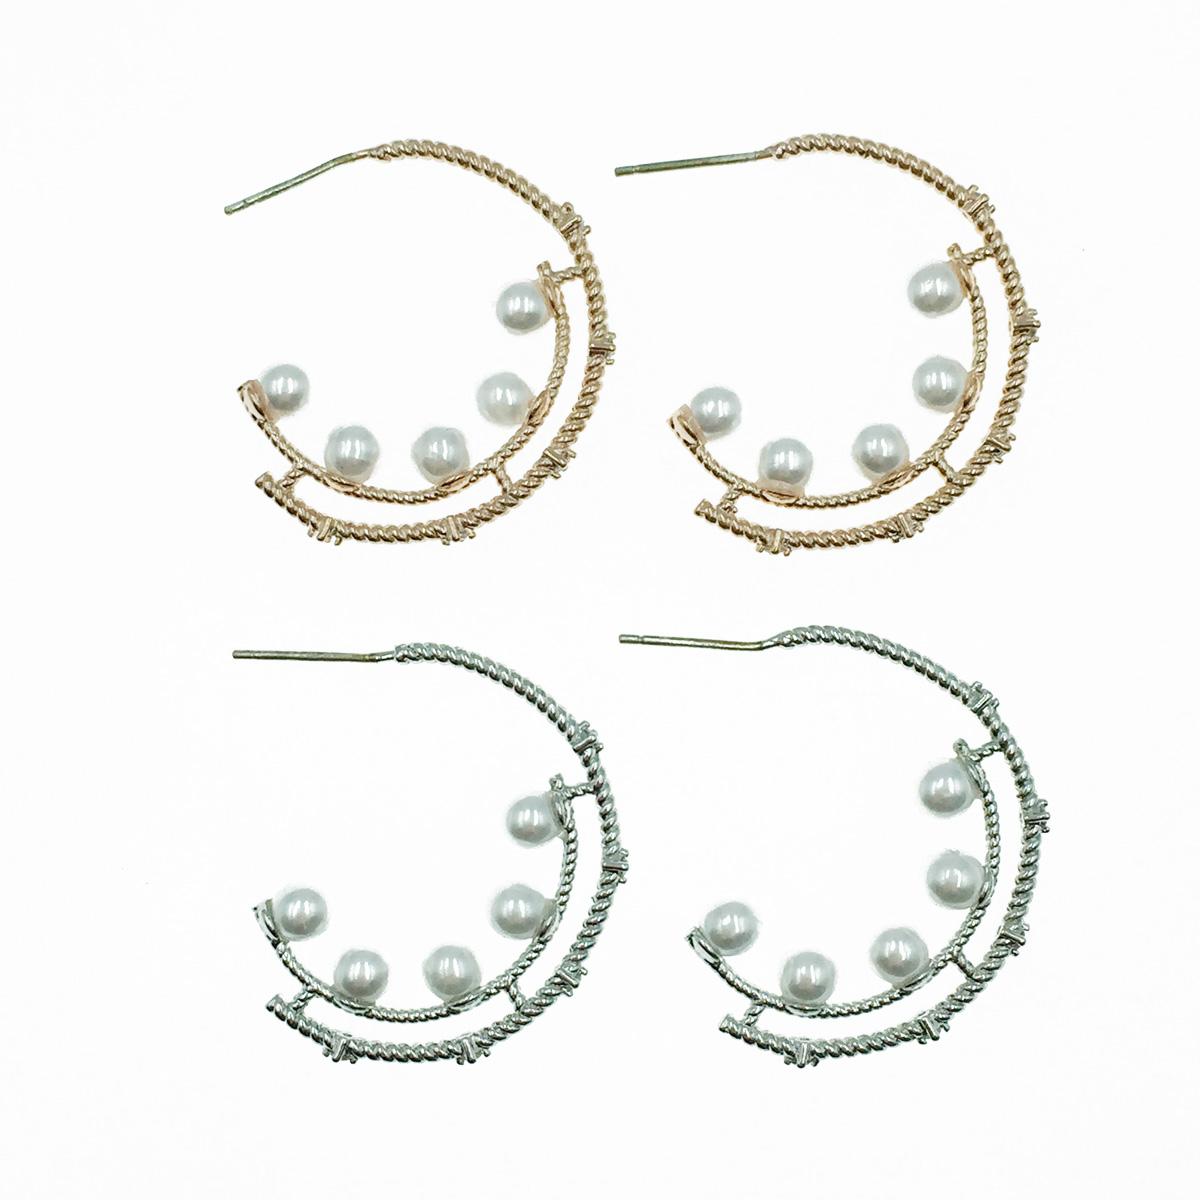 韓國 925純銀 金屬C環圈 氣質珍珠 2色 耳針式耳環